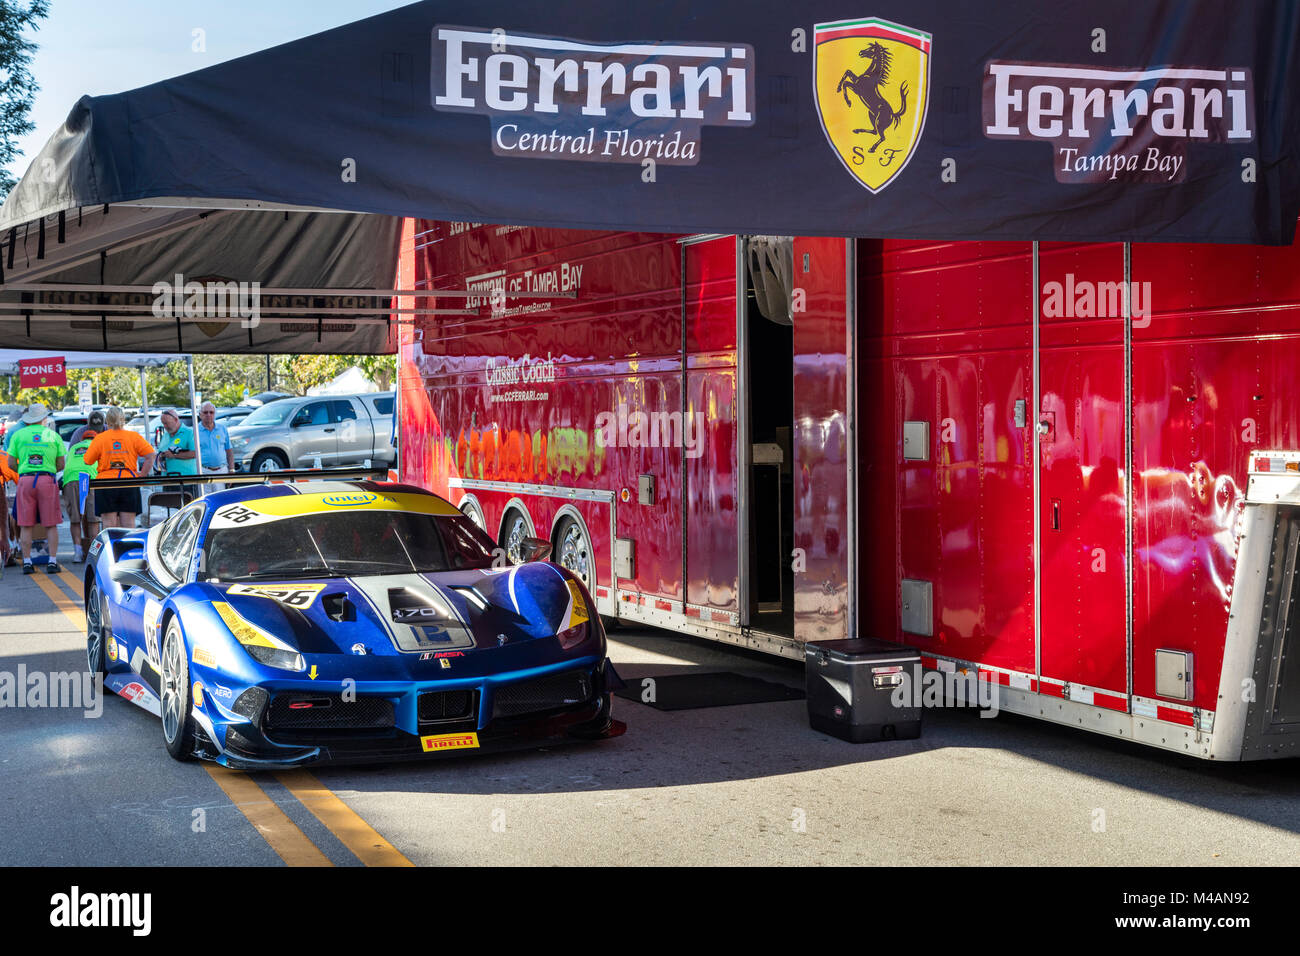 Ferrari Club Race Car E Visor Do Telemóvel Em U0027Carrosu0027 Autoshow Na 5th,  Naples, Florida, Estados Unidos Da América